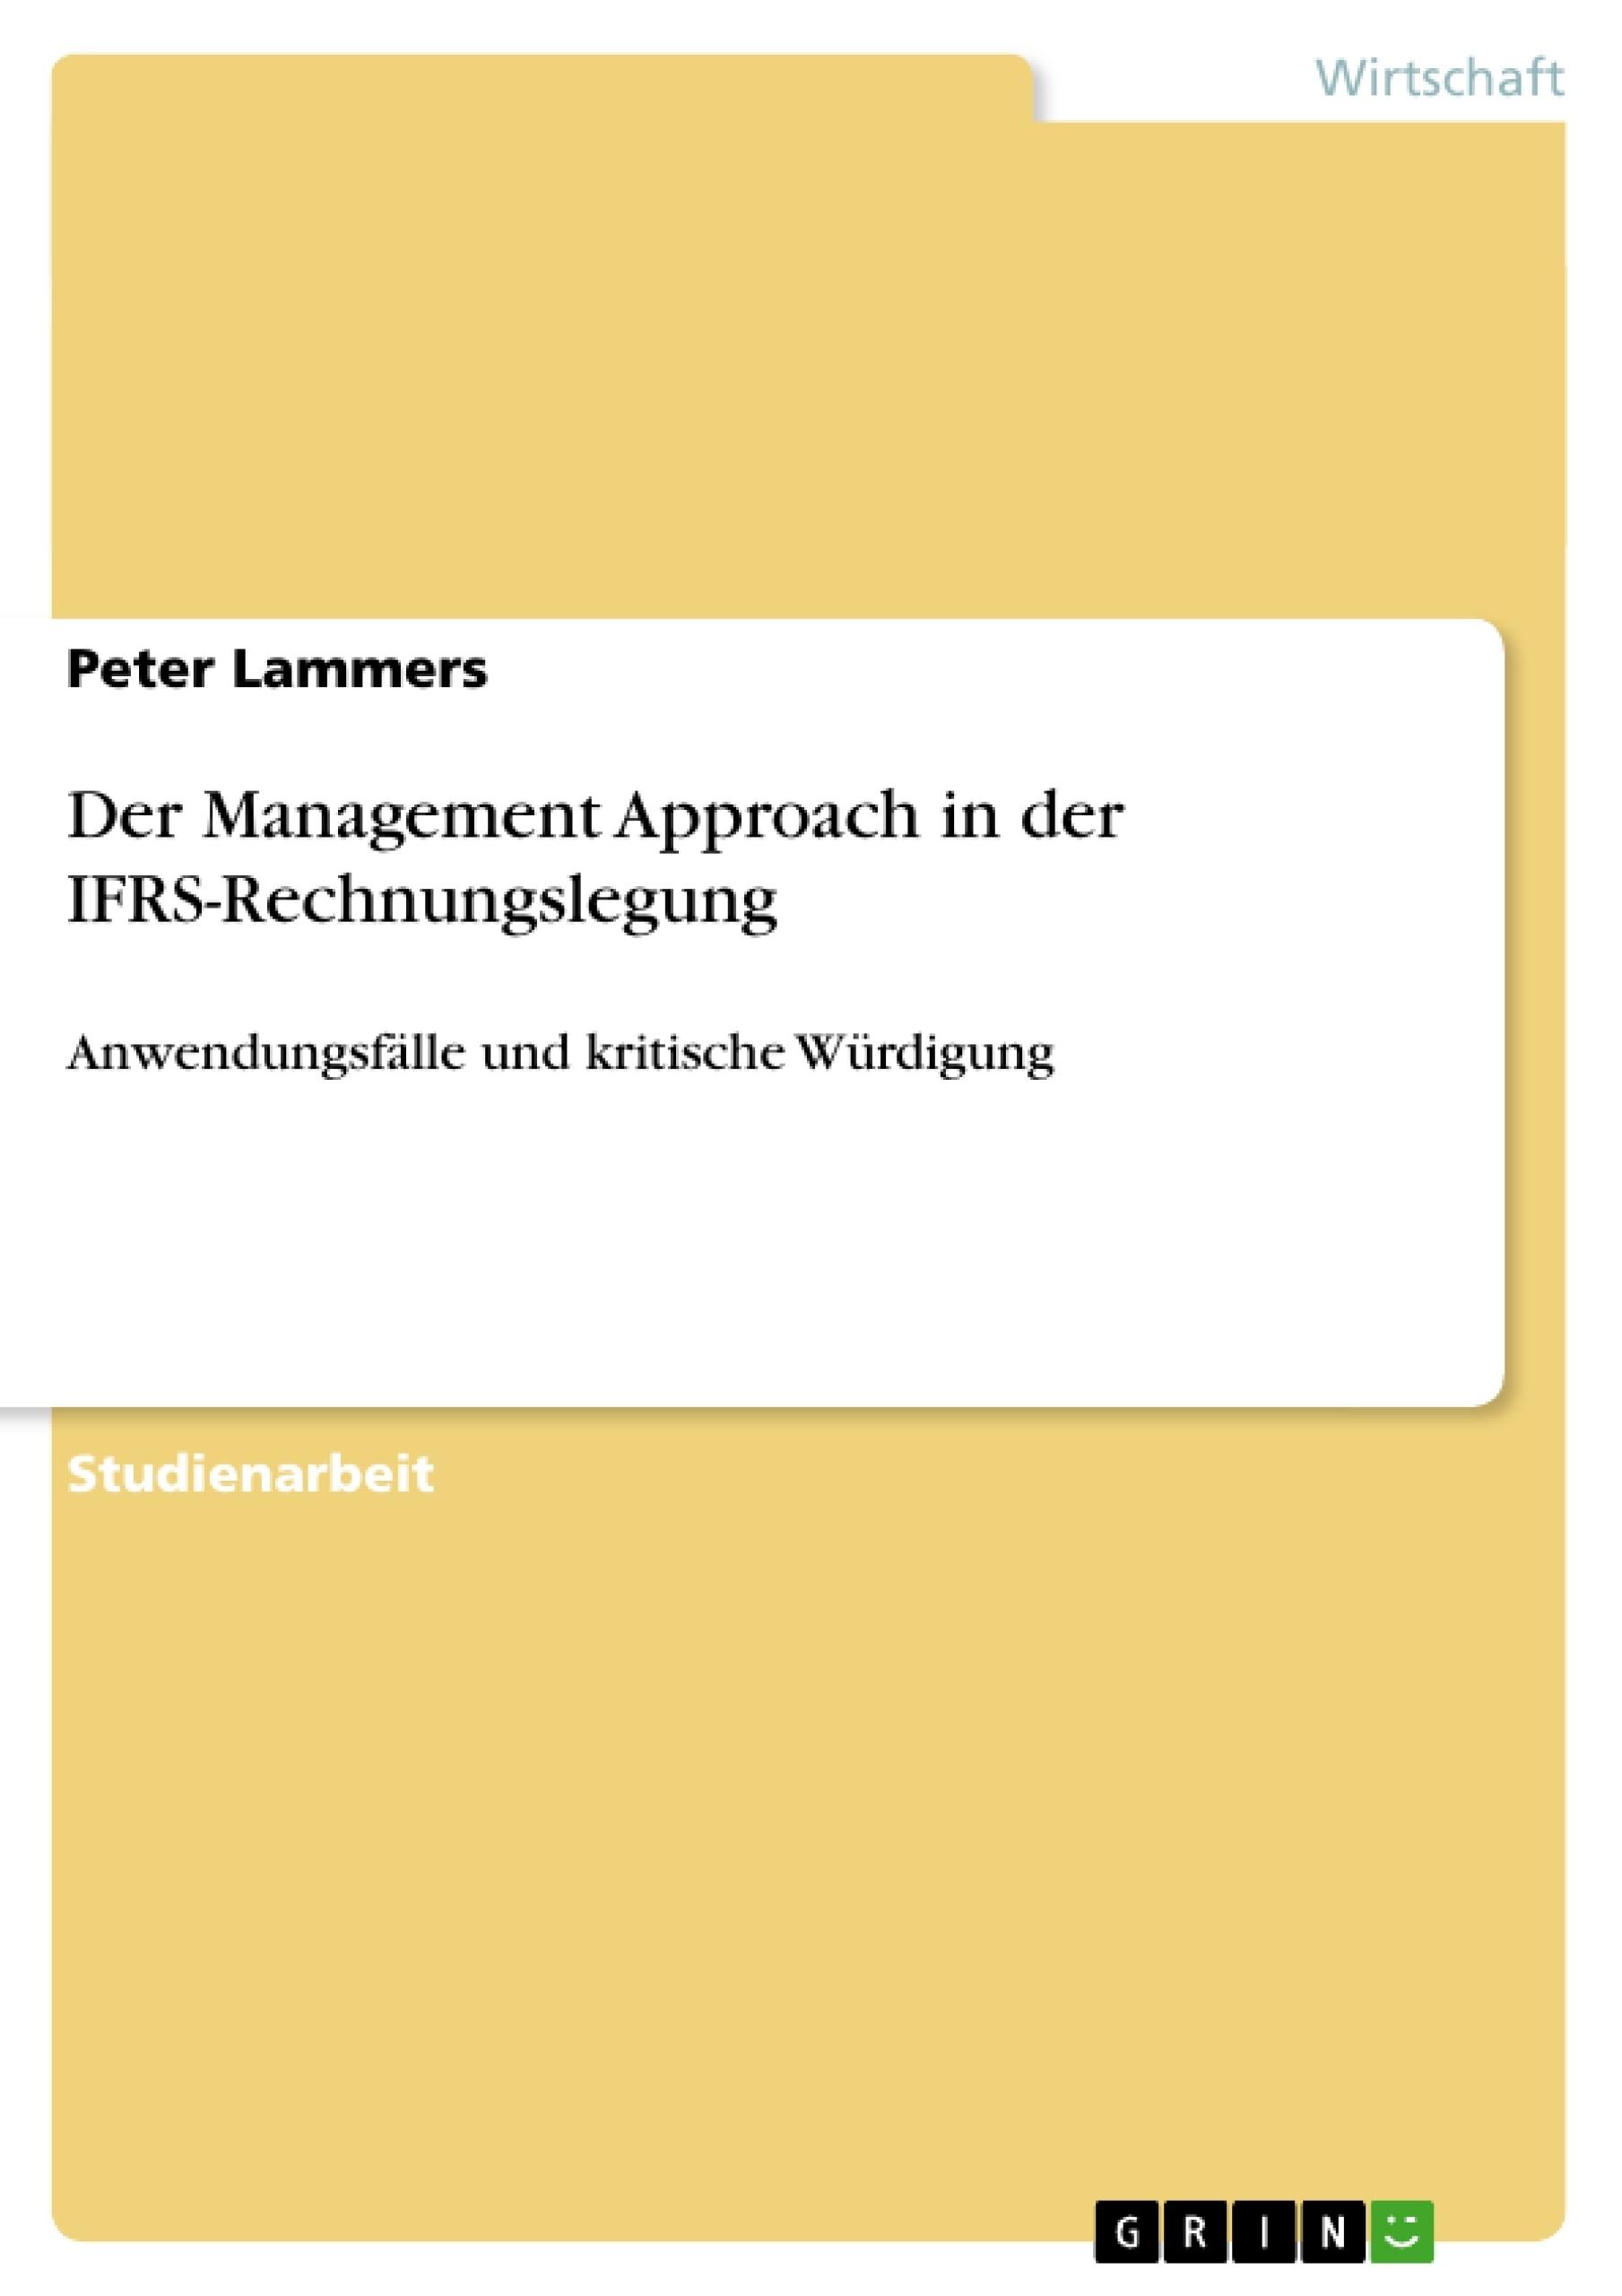 Titel: Der Management Approach in der IFRS-Rechnungslegung